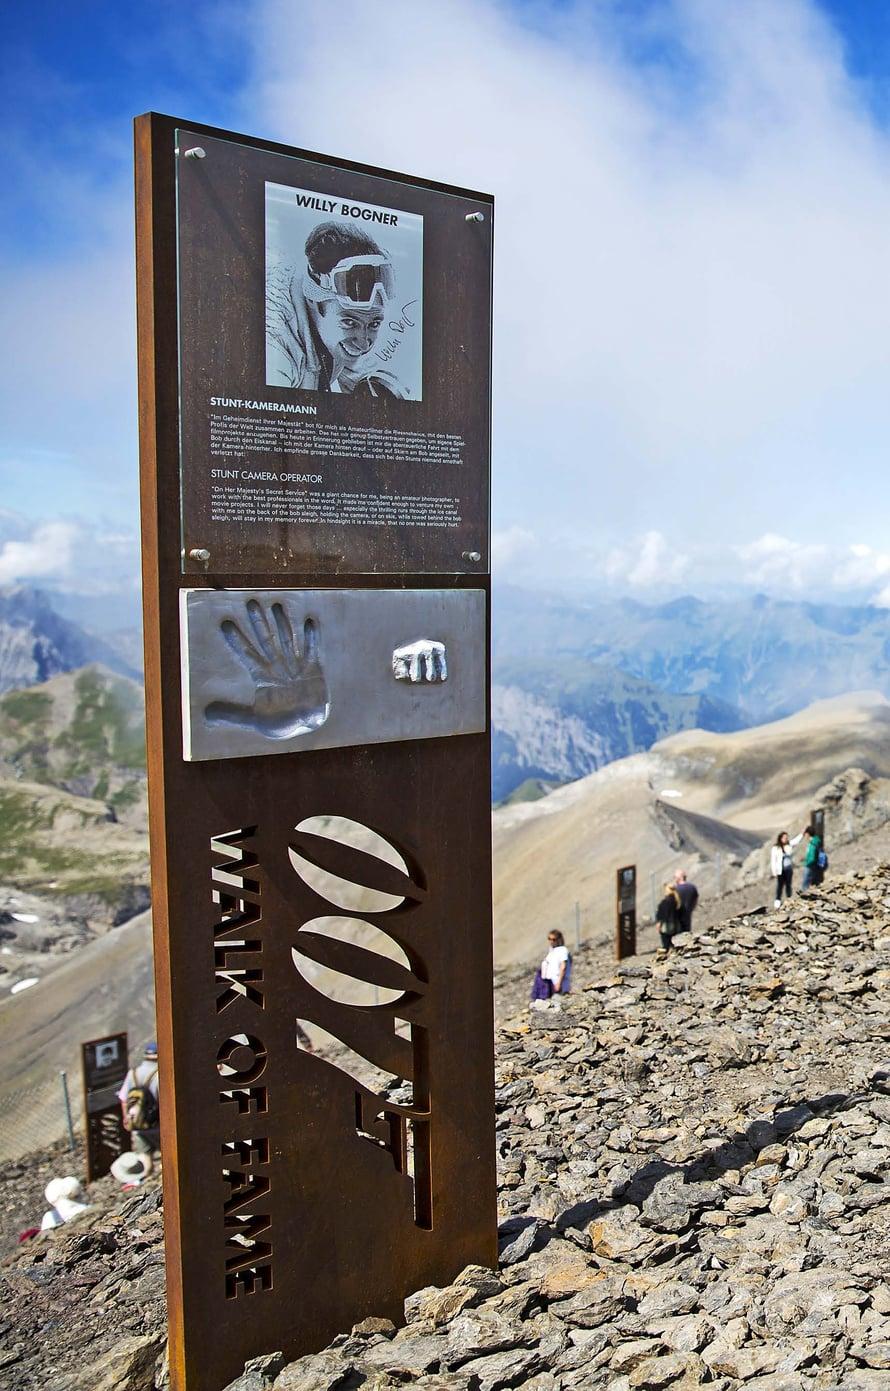 Schitthornin huipulla Sveitsissä kiertää tyylikäs James Bond -aiheinen polku.